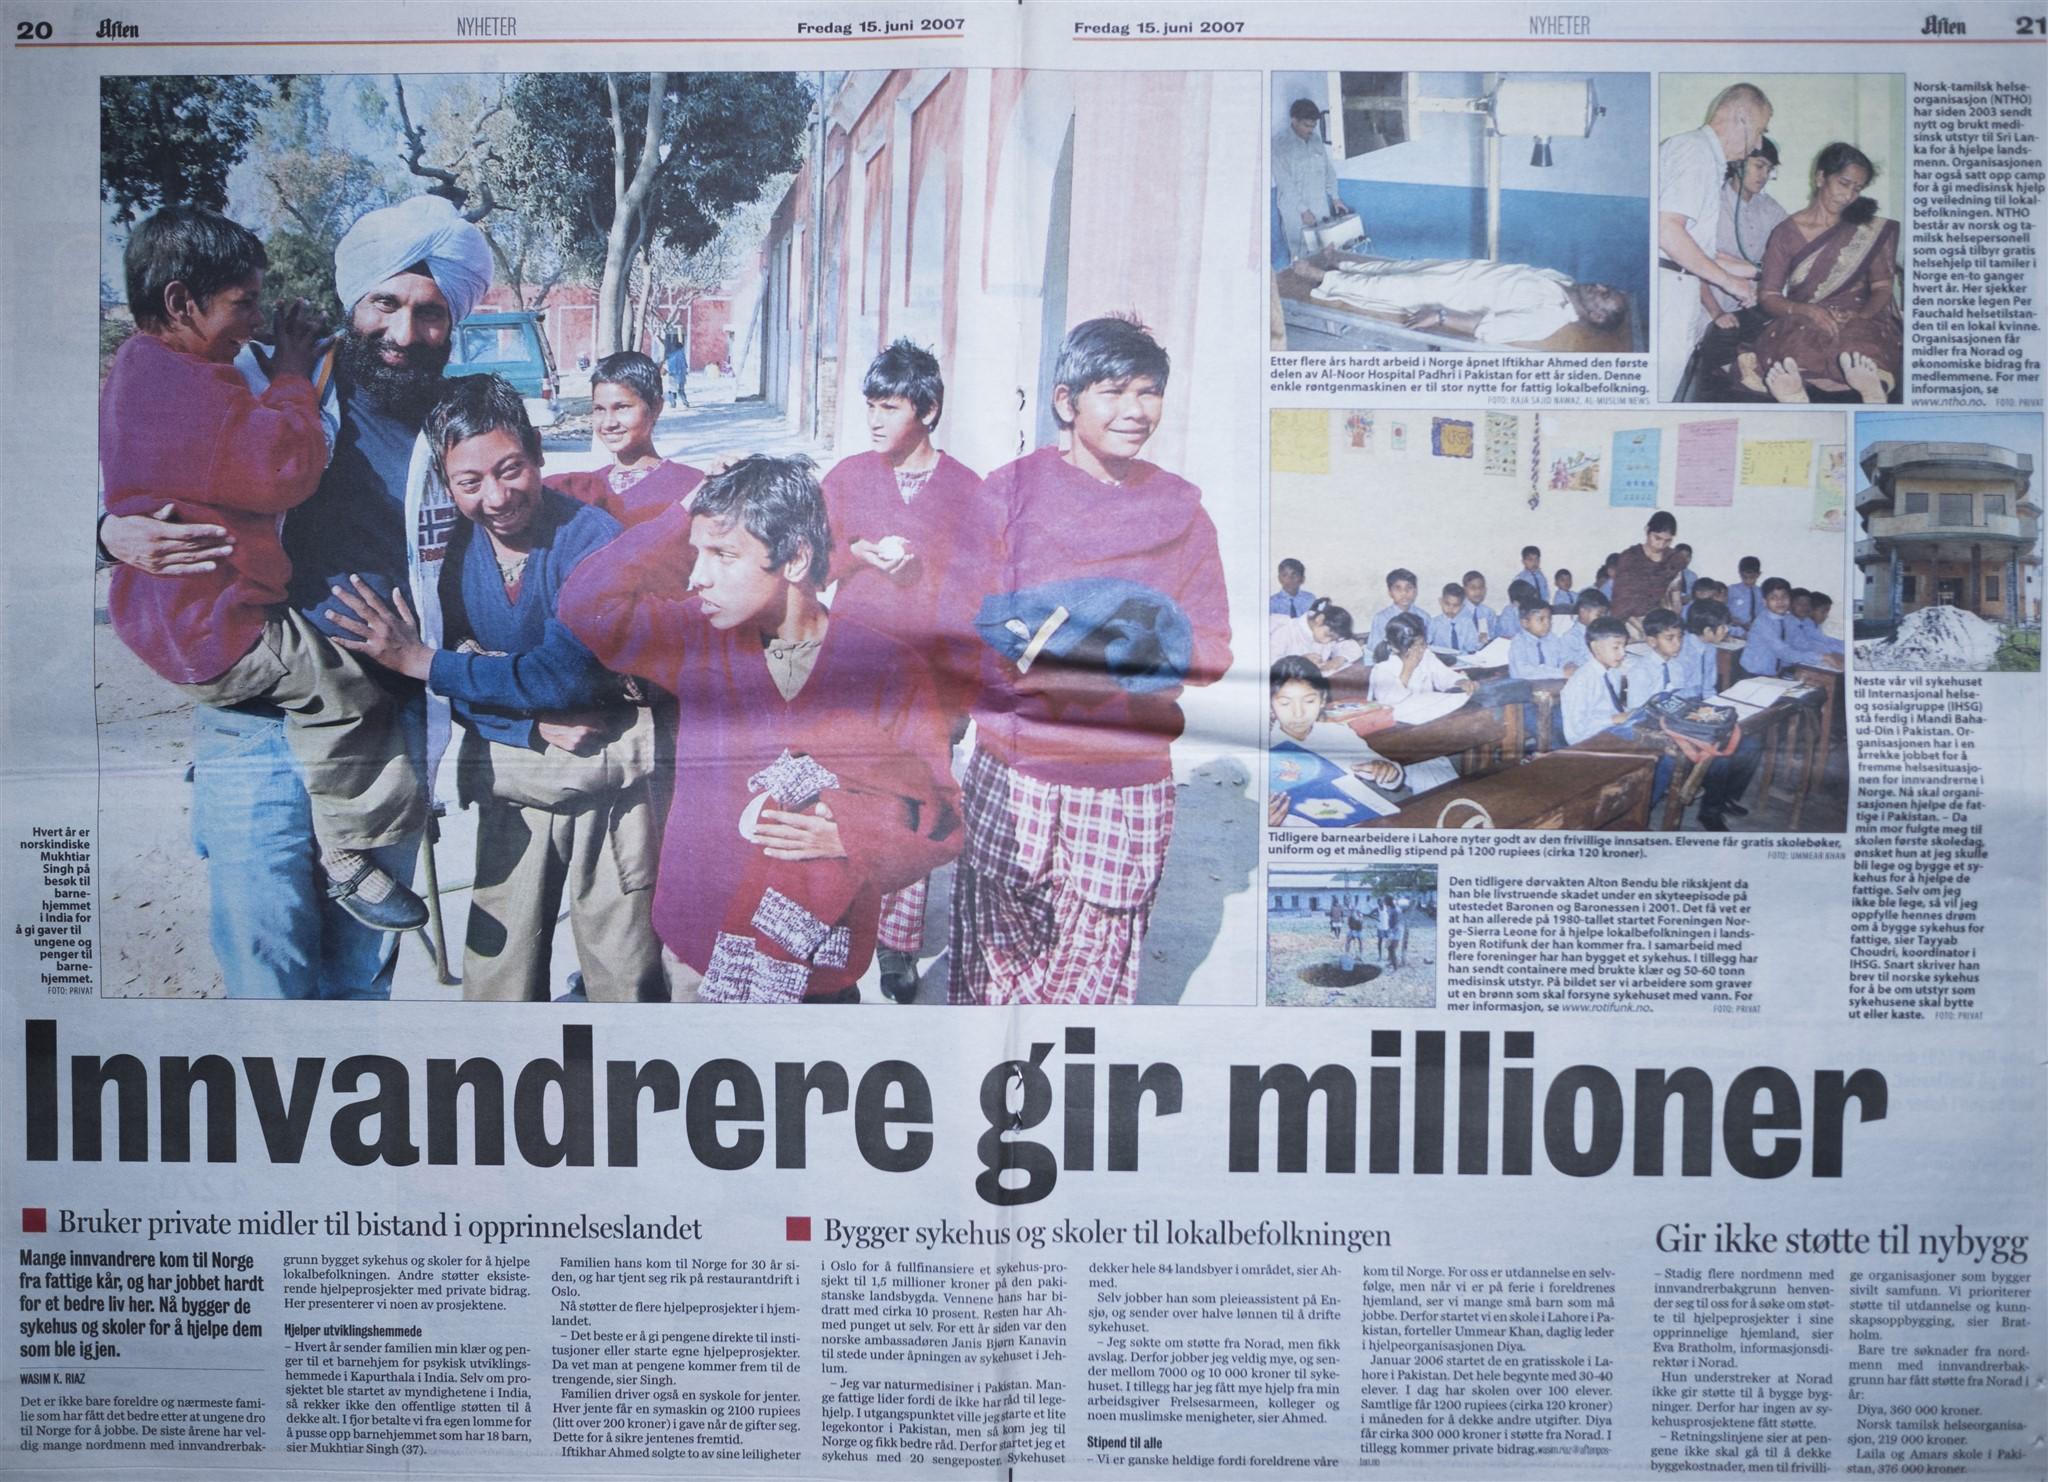 Innvandrere gir millioner